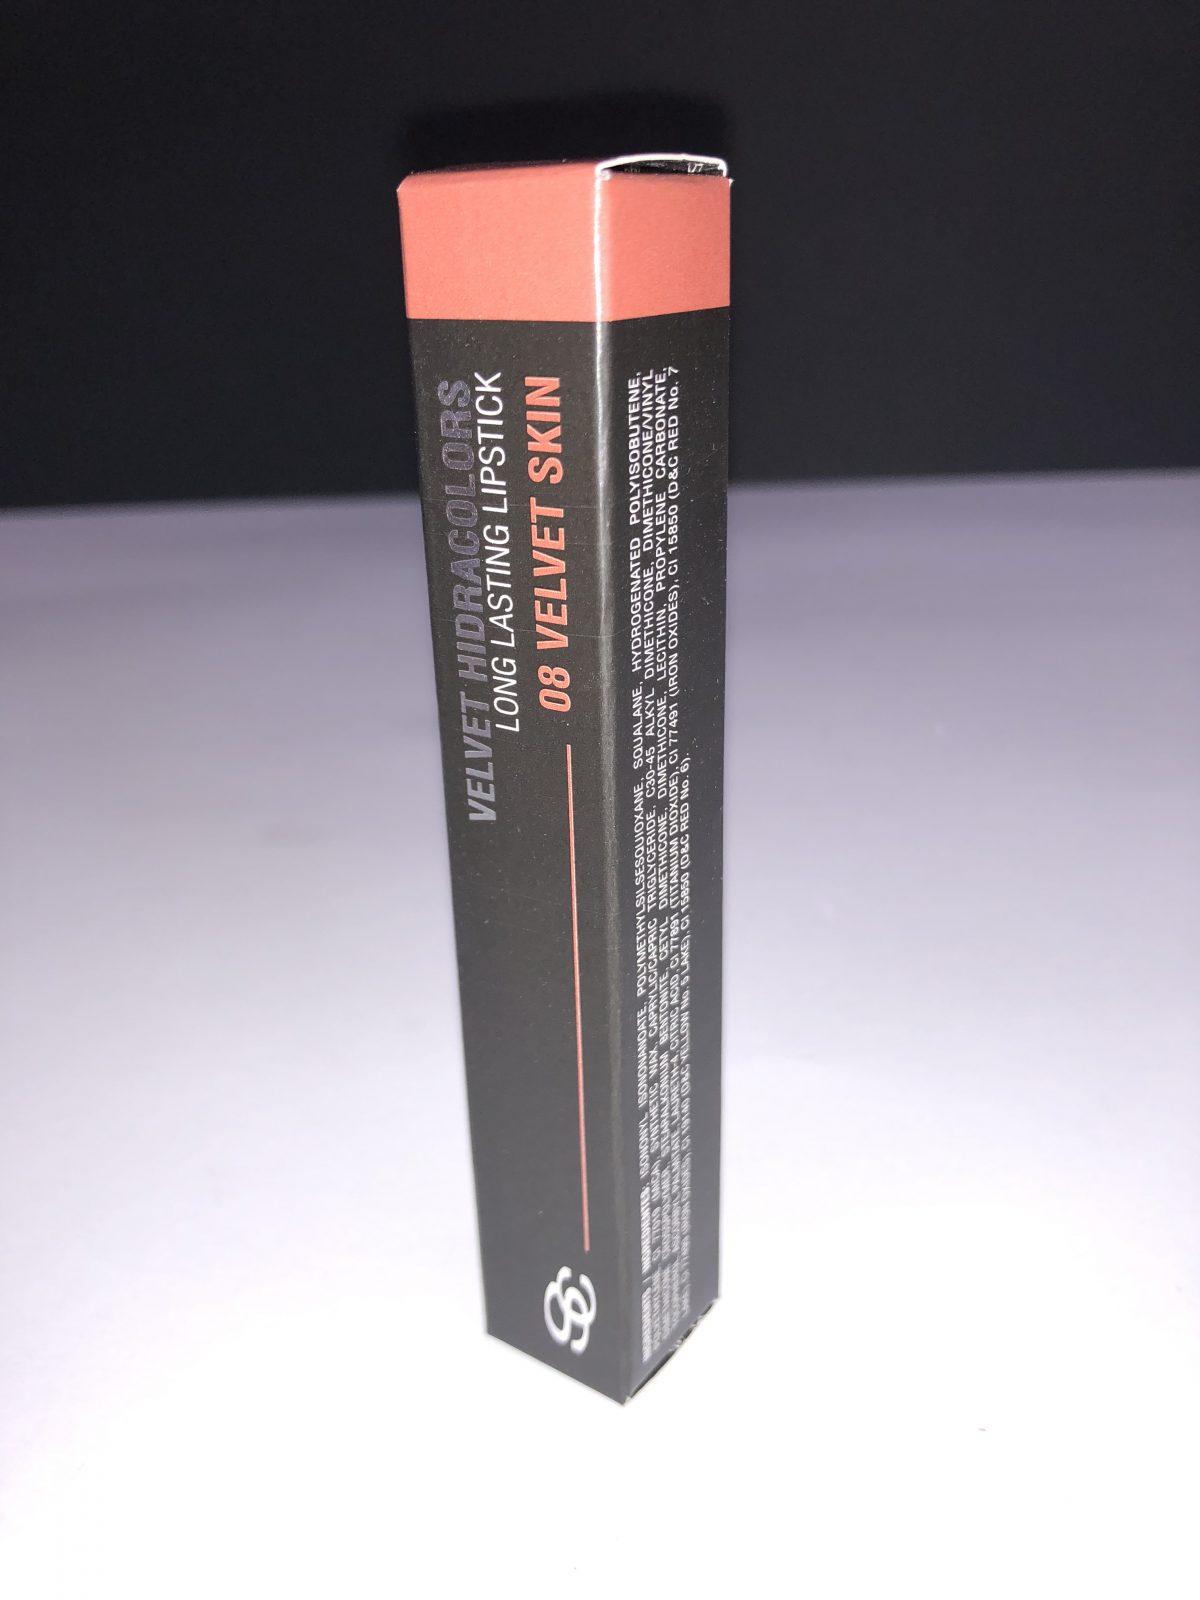 Long Lasting Lipstick Velvet Skin 08 Salerm | Peluqueria Cintia Atienzar